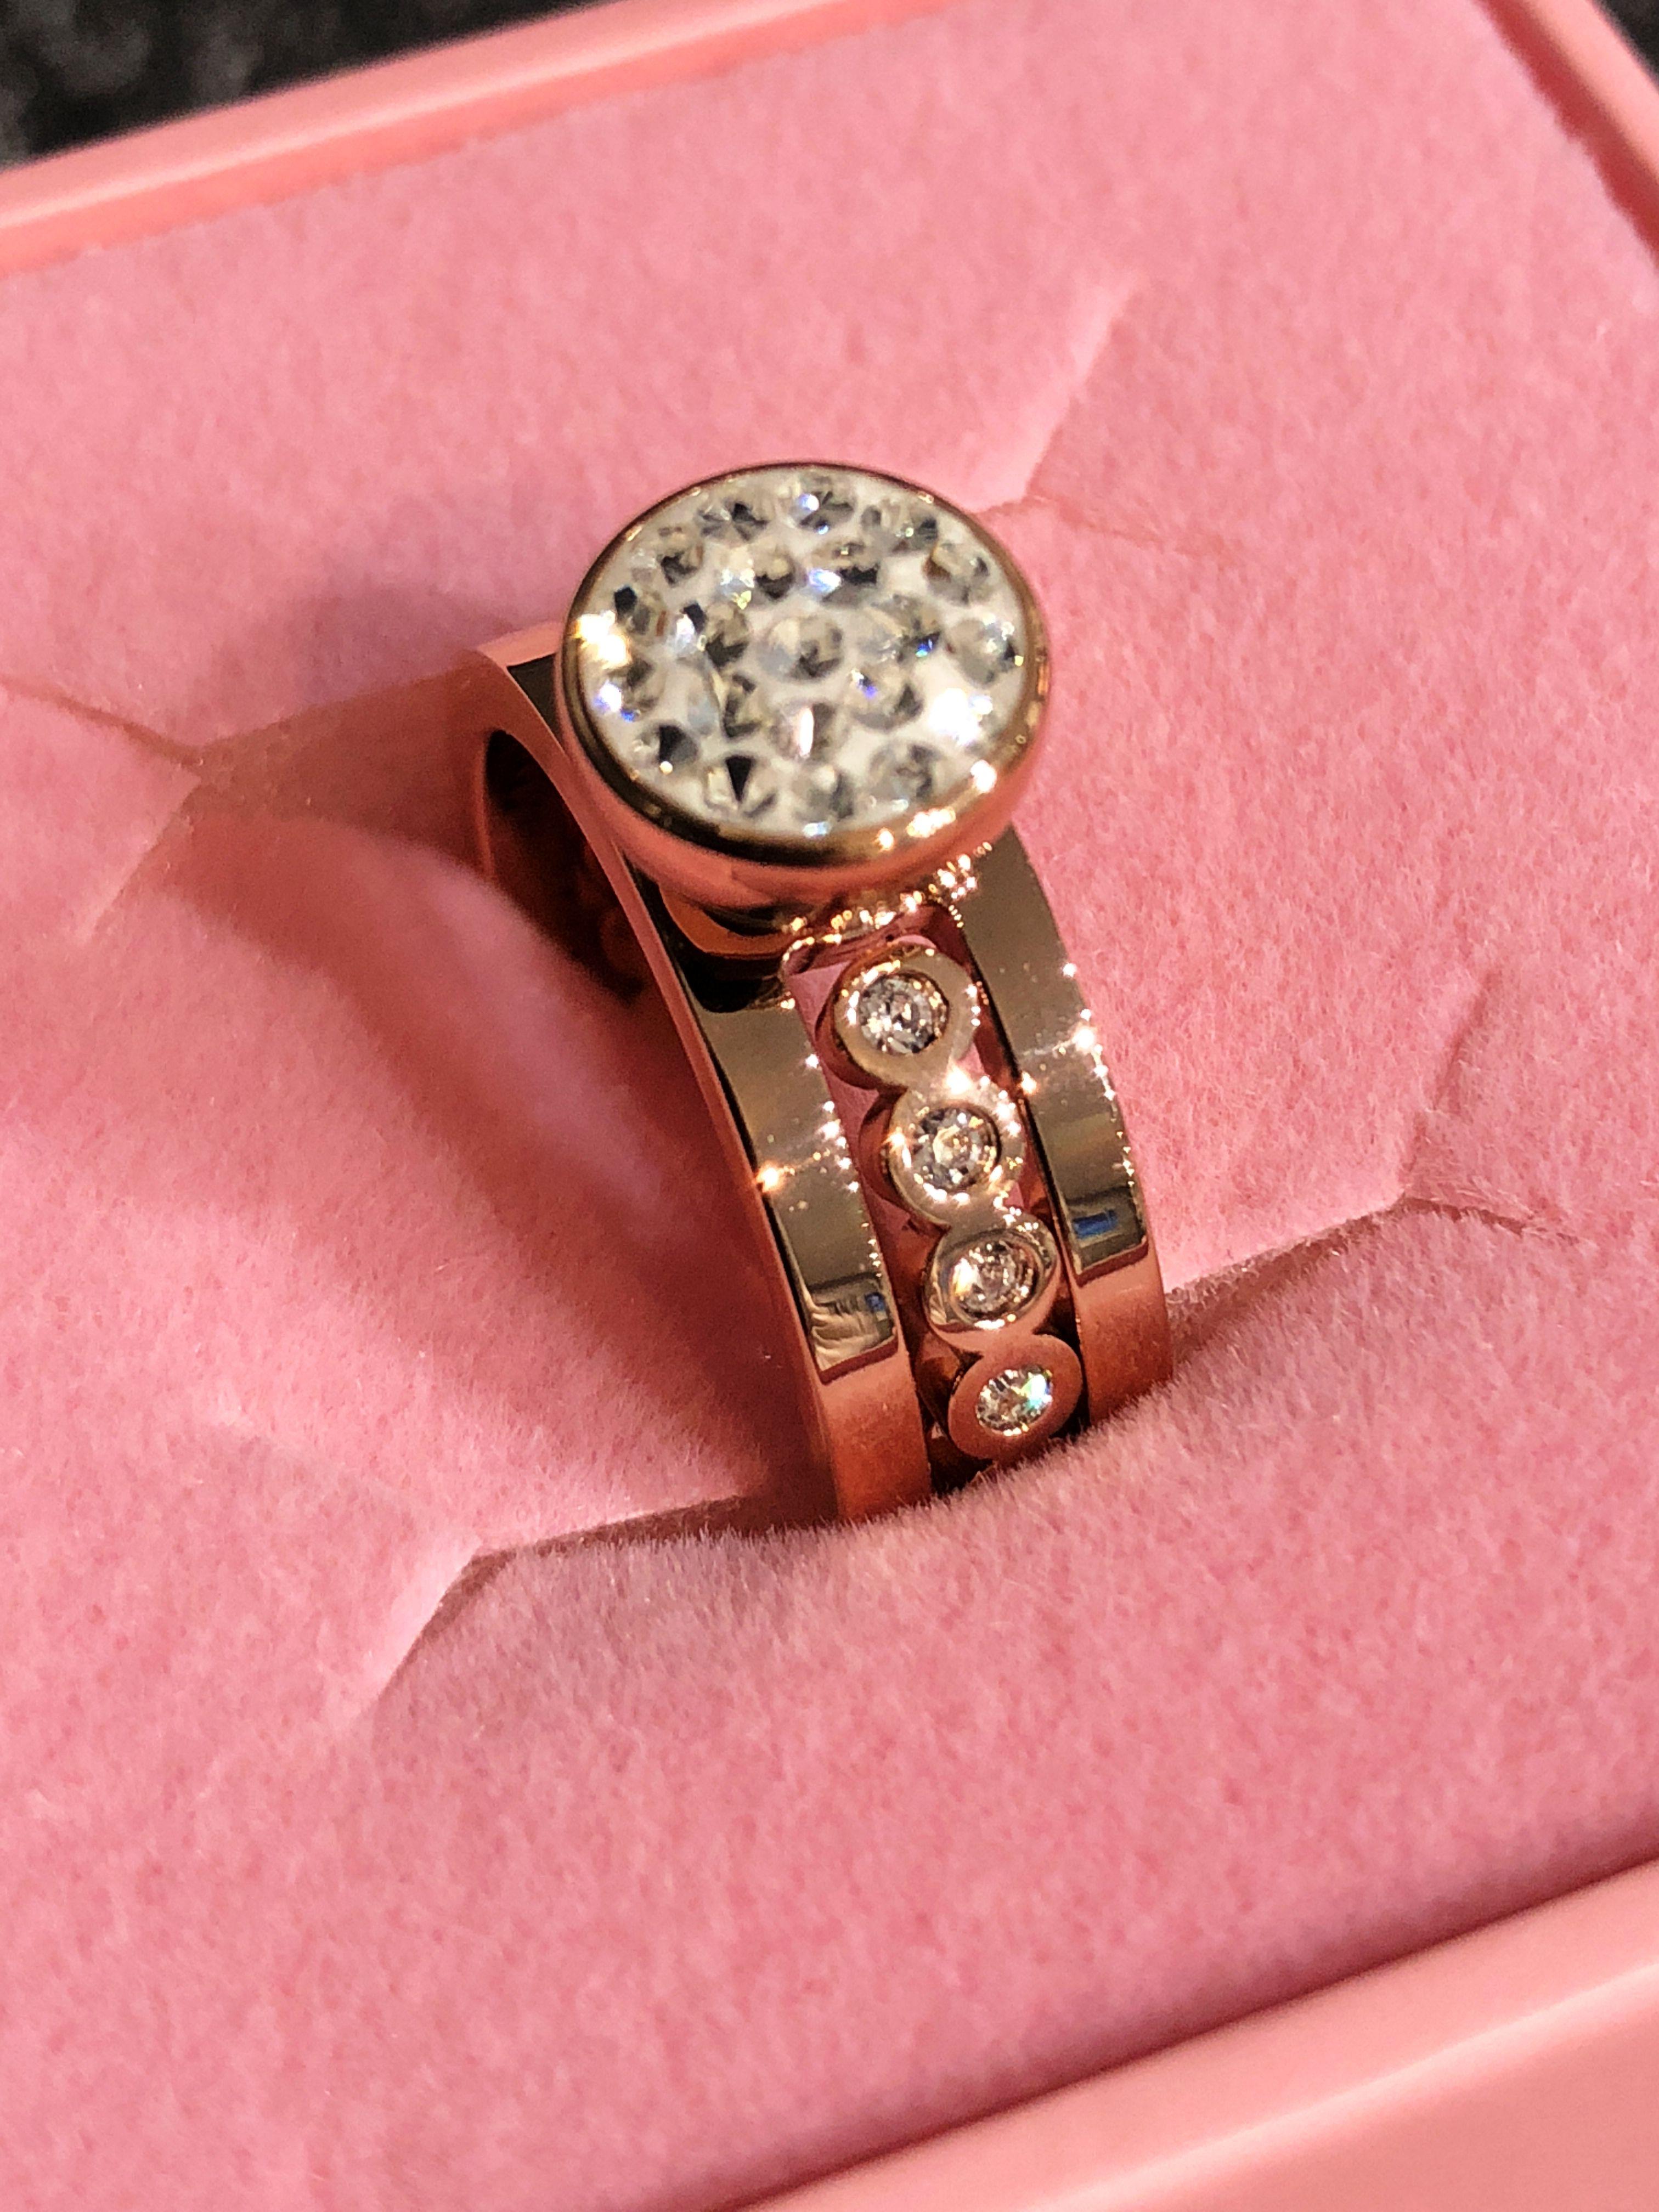 MelanO Twisted Trista ring #melanojewelry #melano #melanothatsme ...